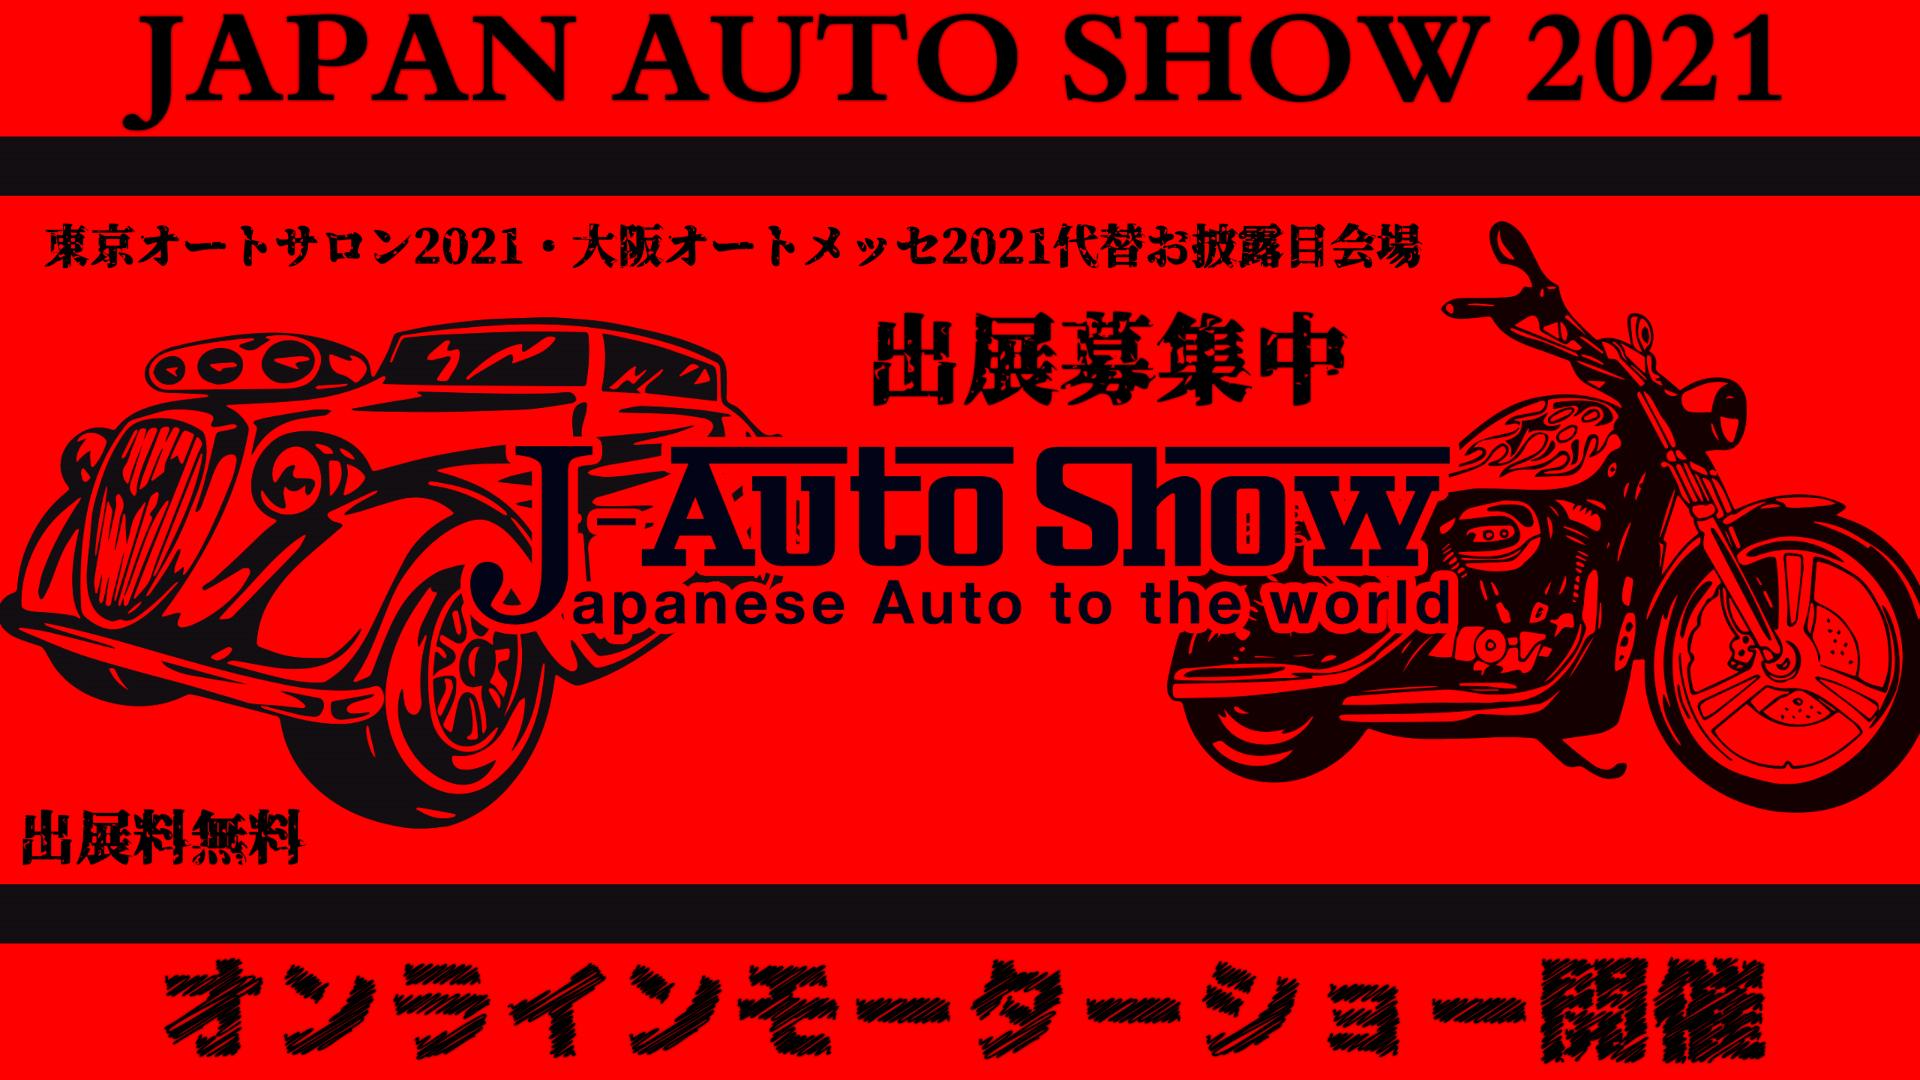 プレスリリース・APAN AUTO SHOW 2021 オンラインモーターショーを開催します